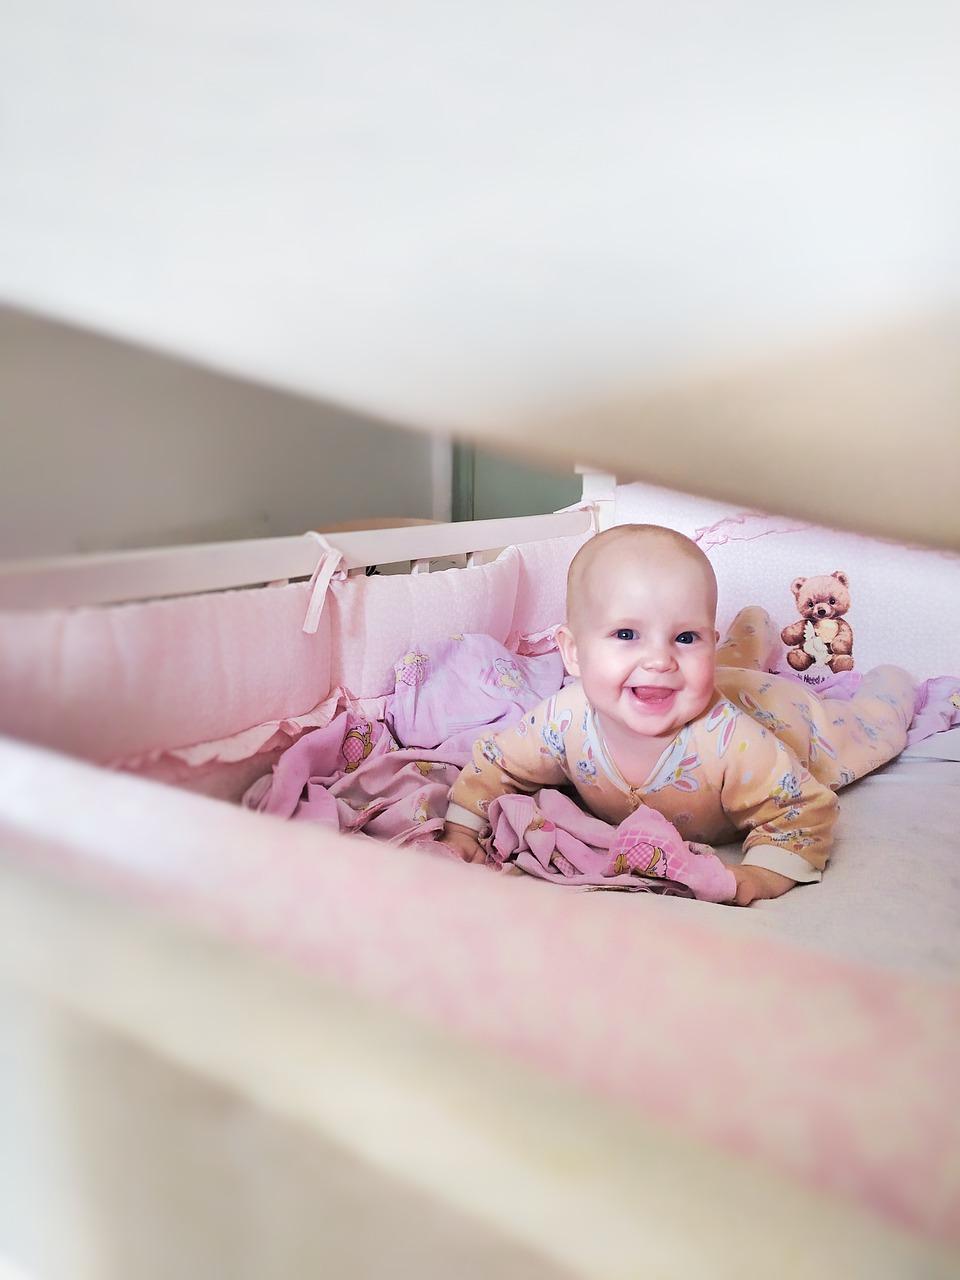 Materac i łóżeczko dla niemowlaka – nie bagatelizuj, to jednak ma znaczenie!